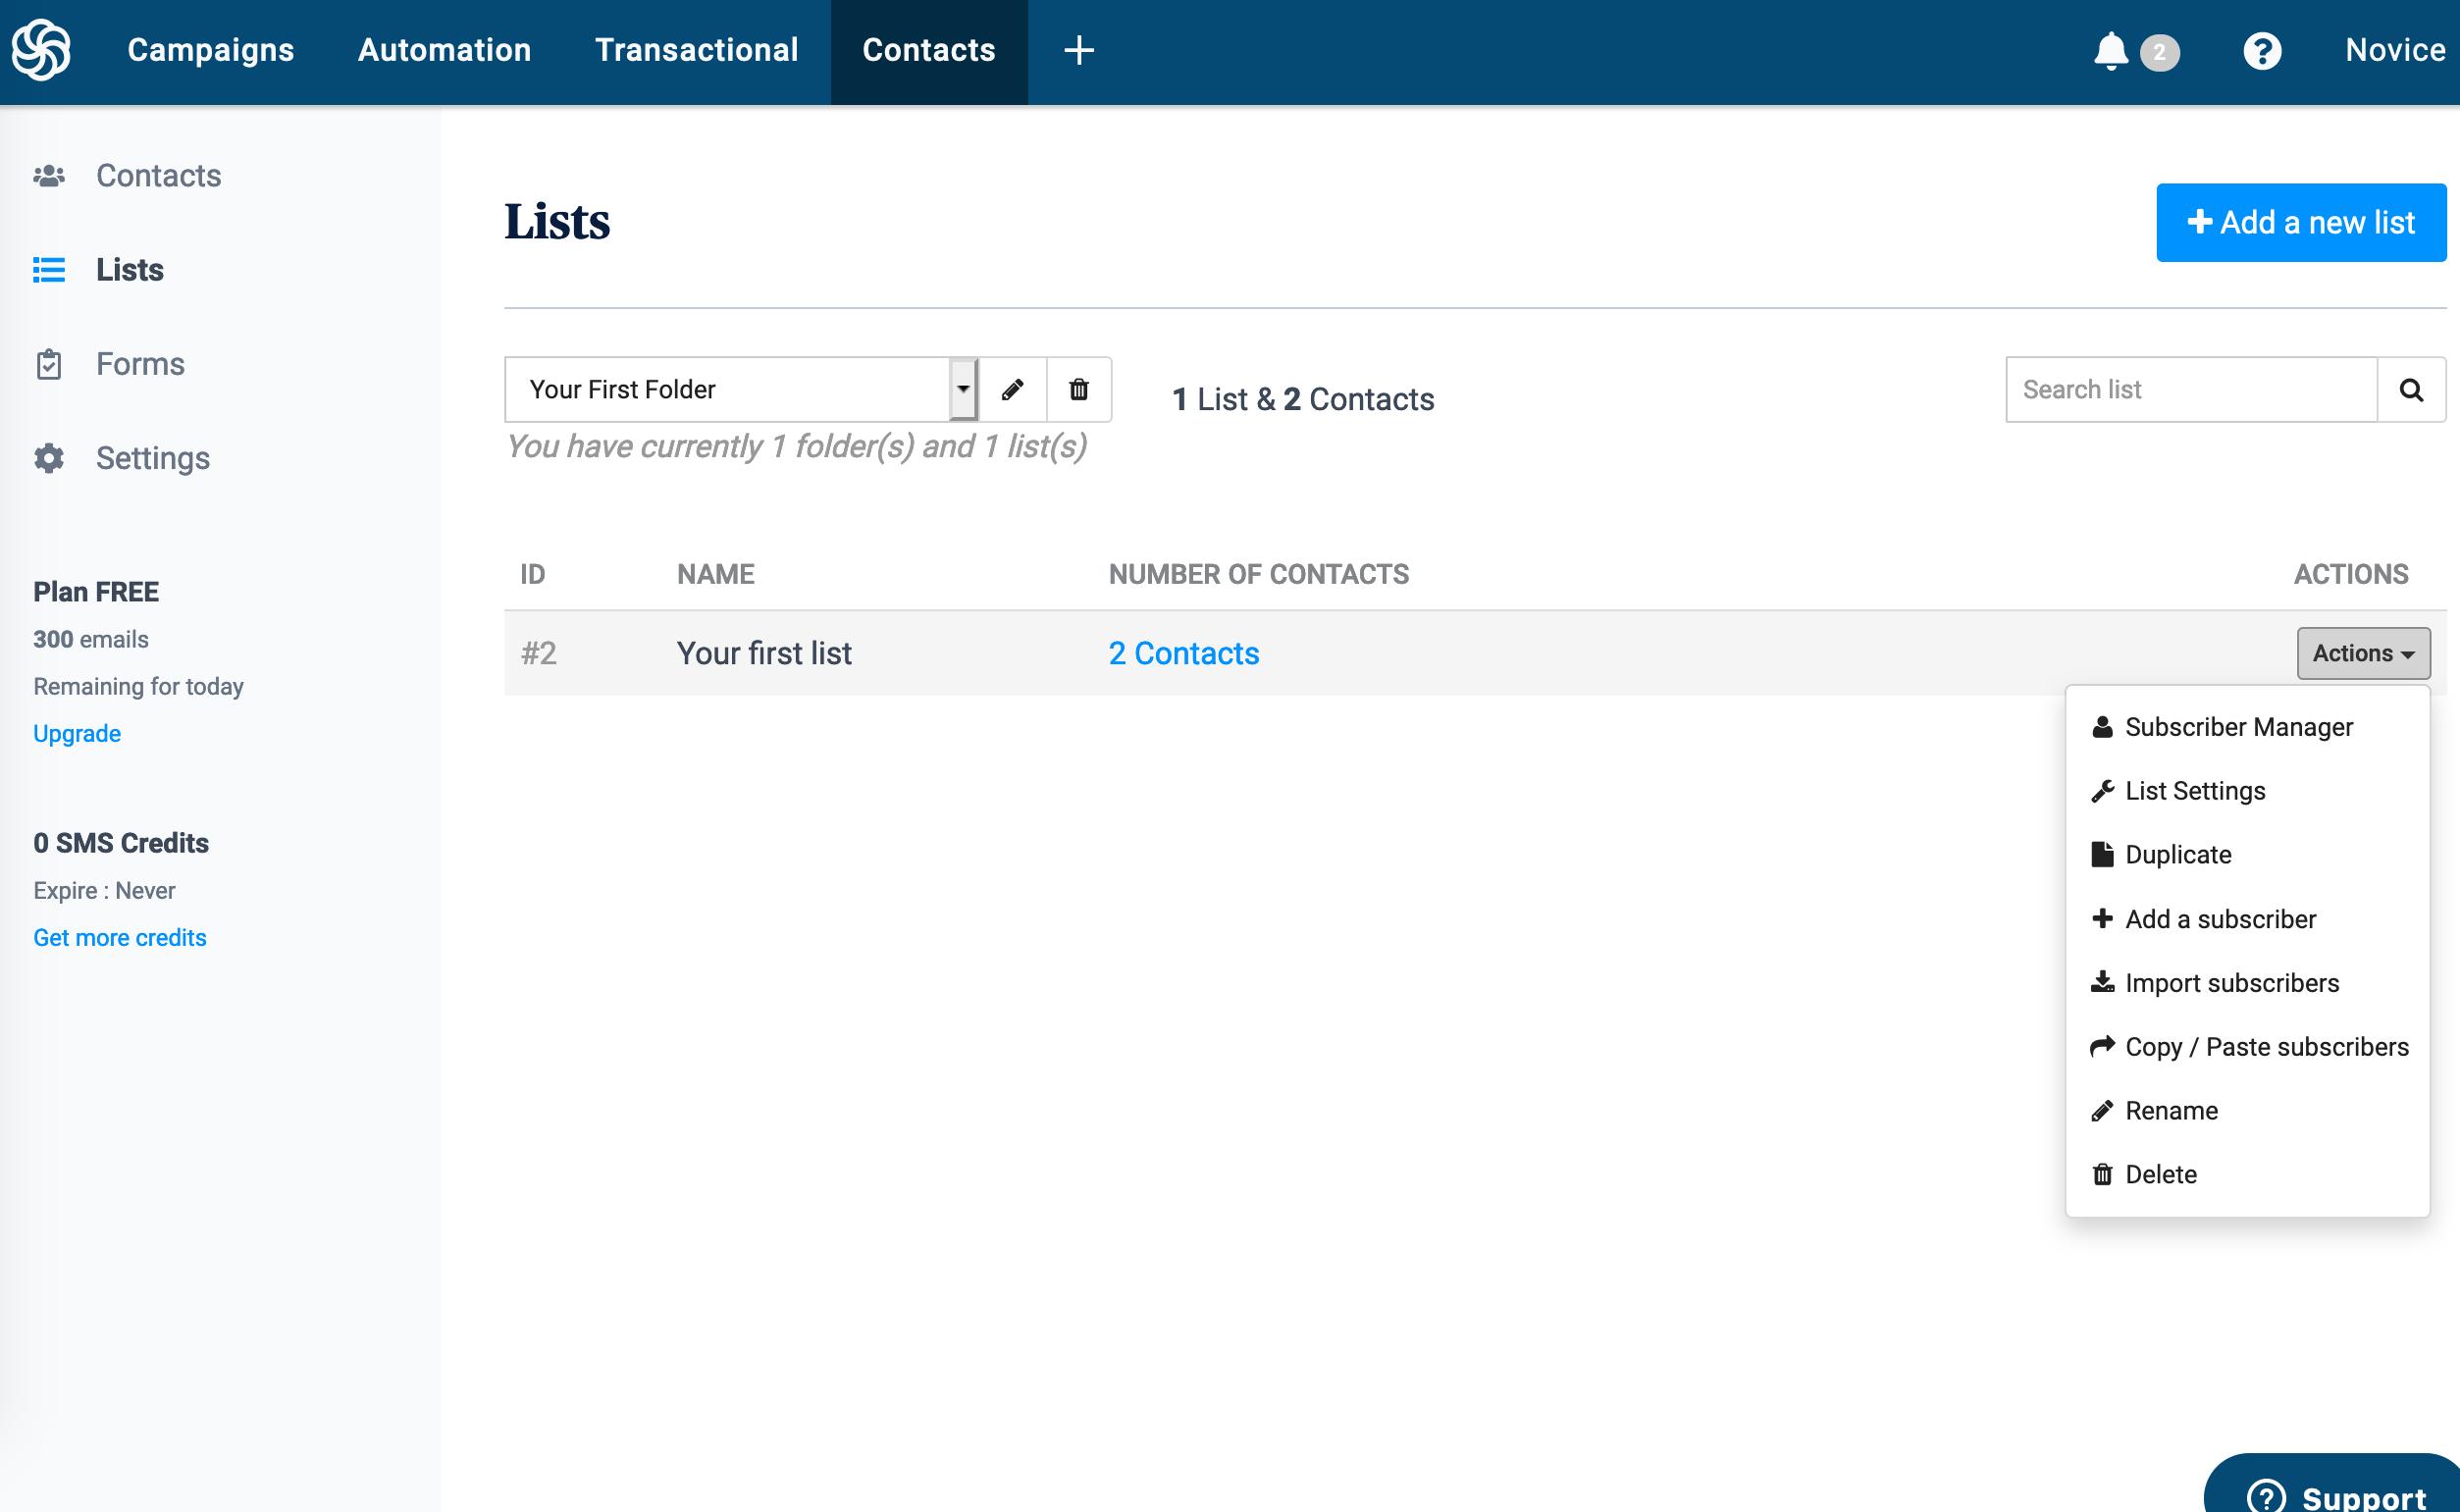 панель управления списками контактов в Sendinblue